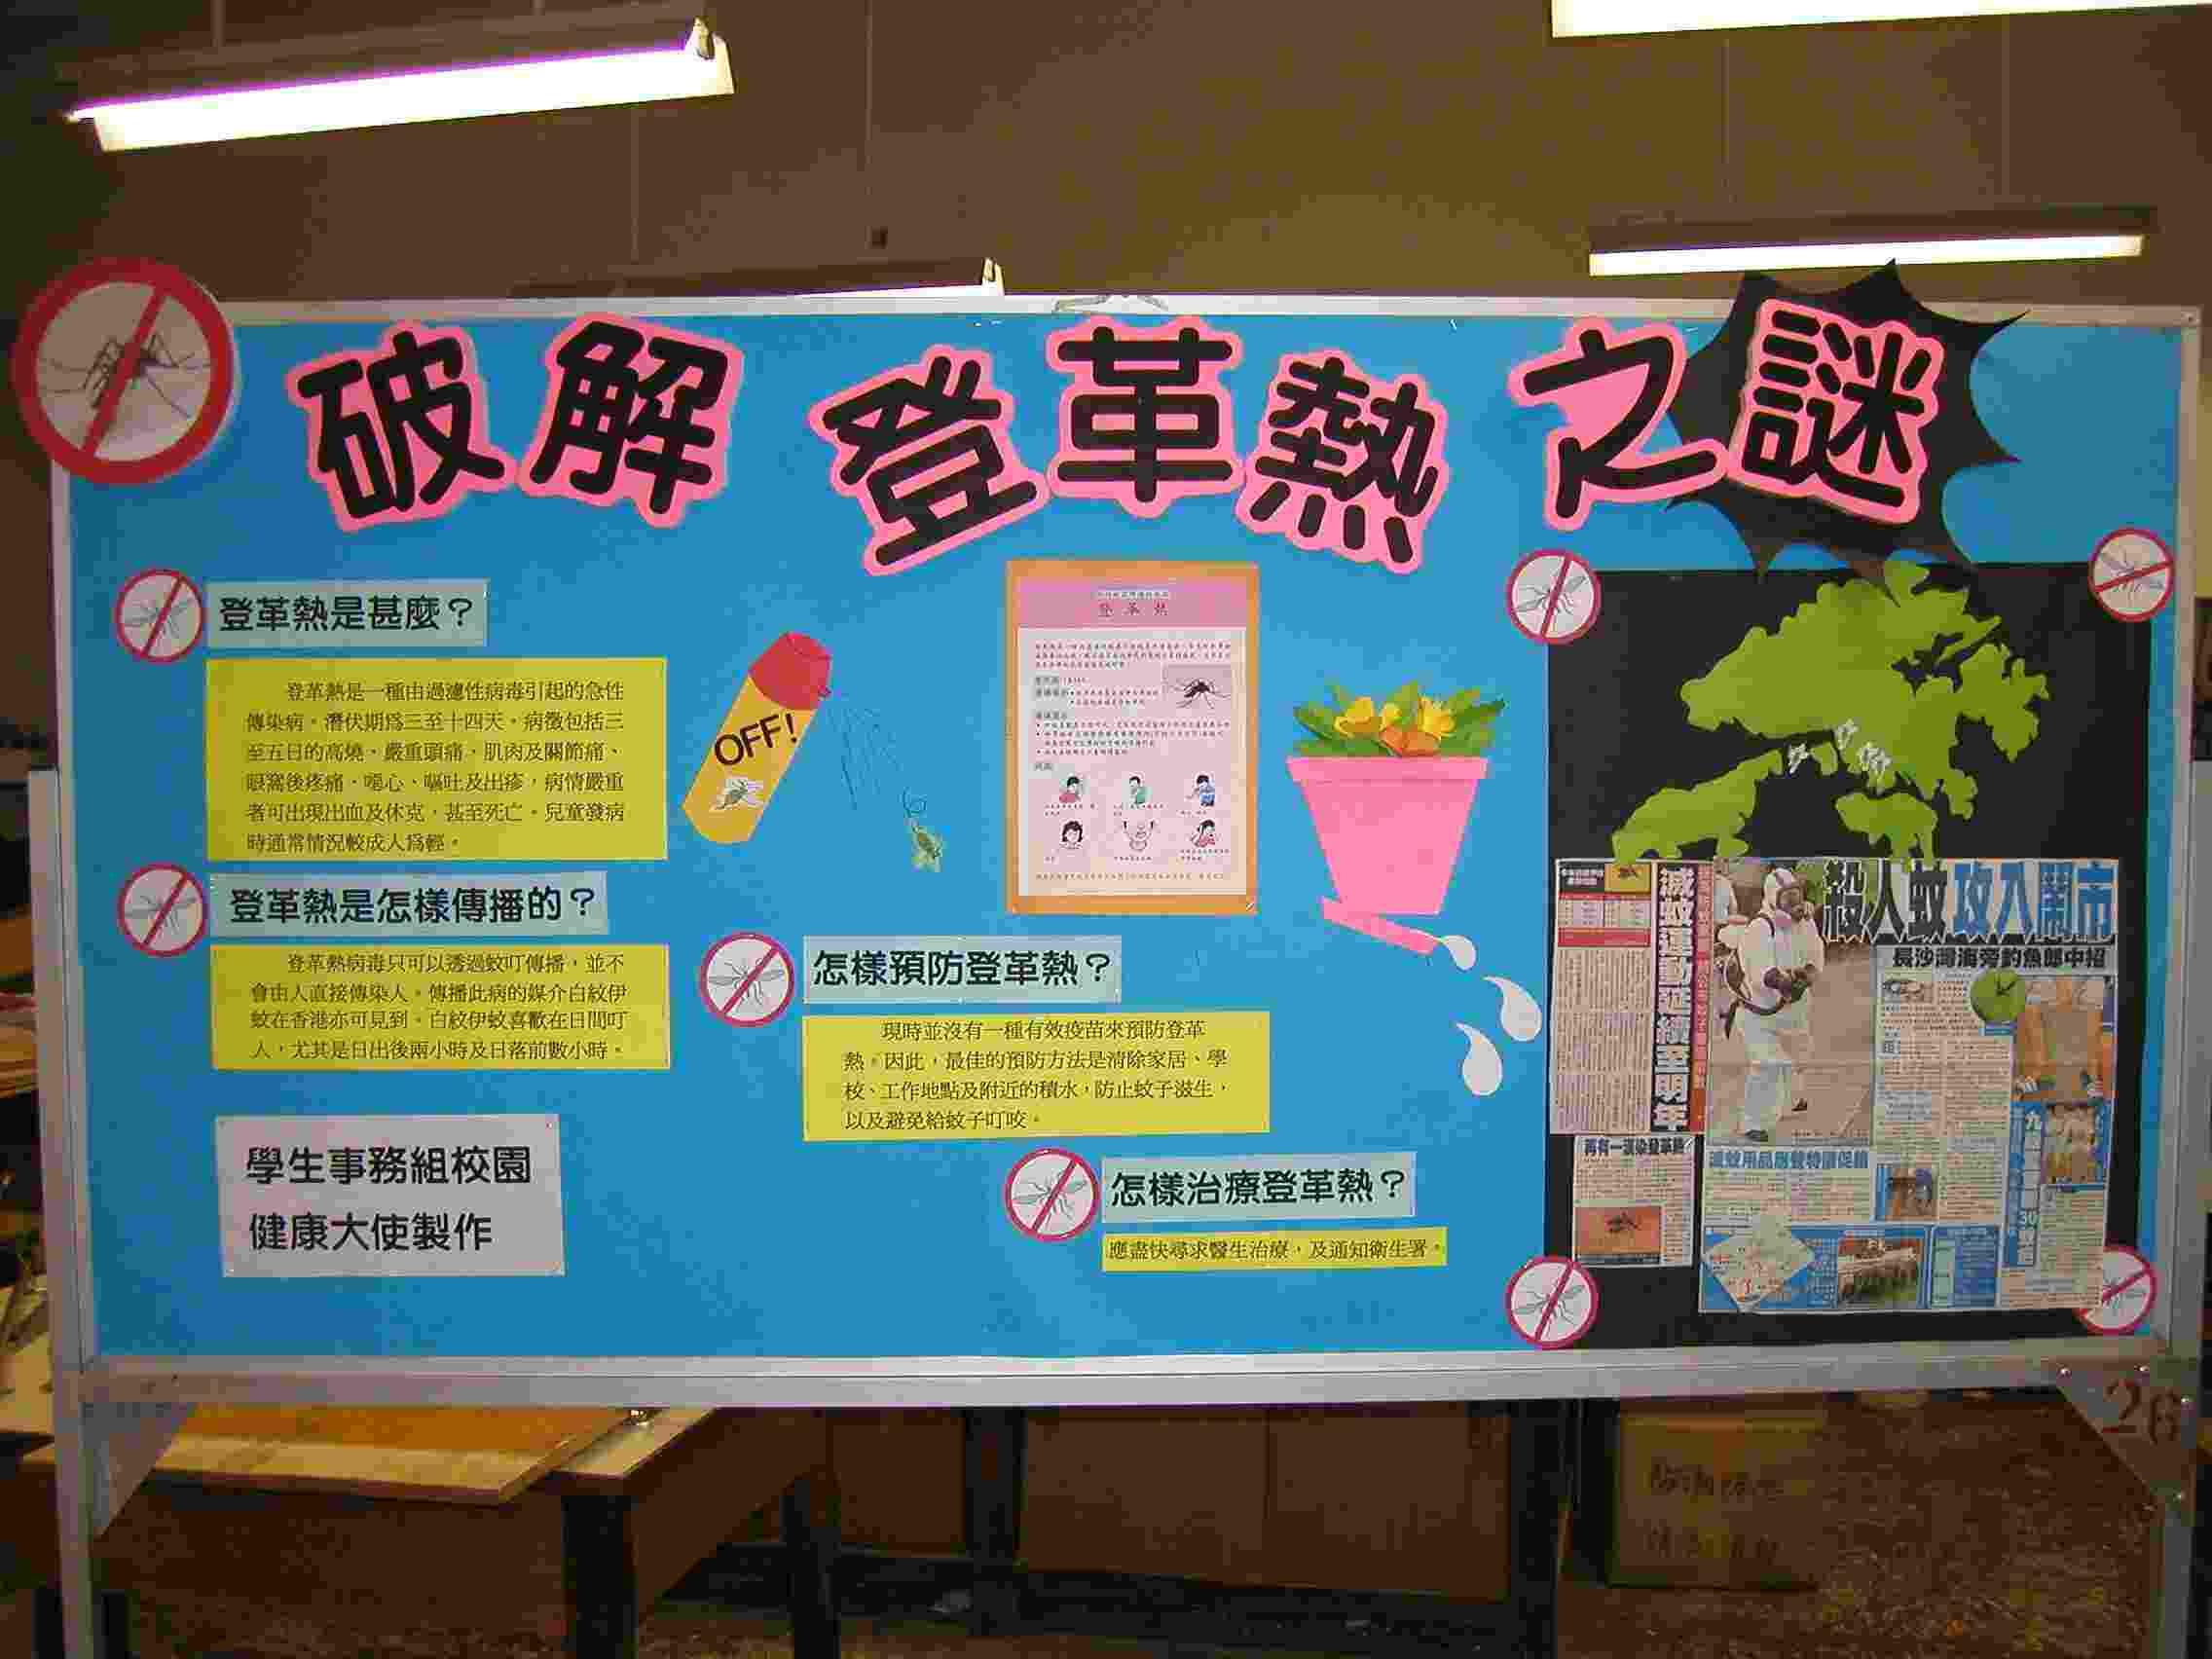 制作「登革热」展板举办标语创作比赛及问答比赛